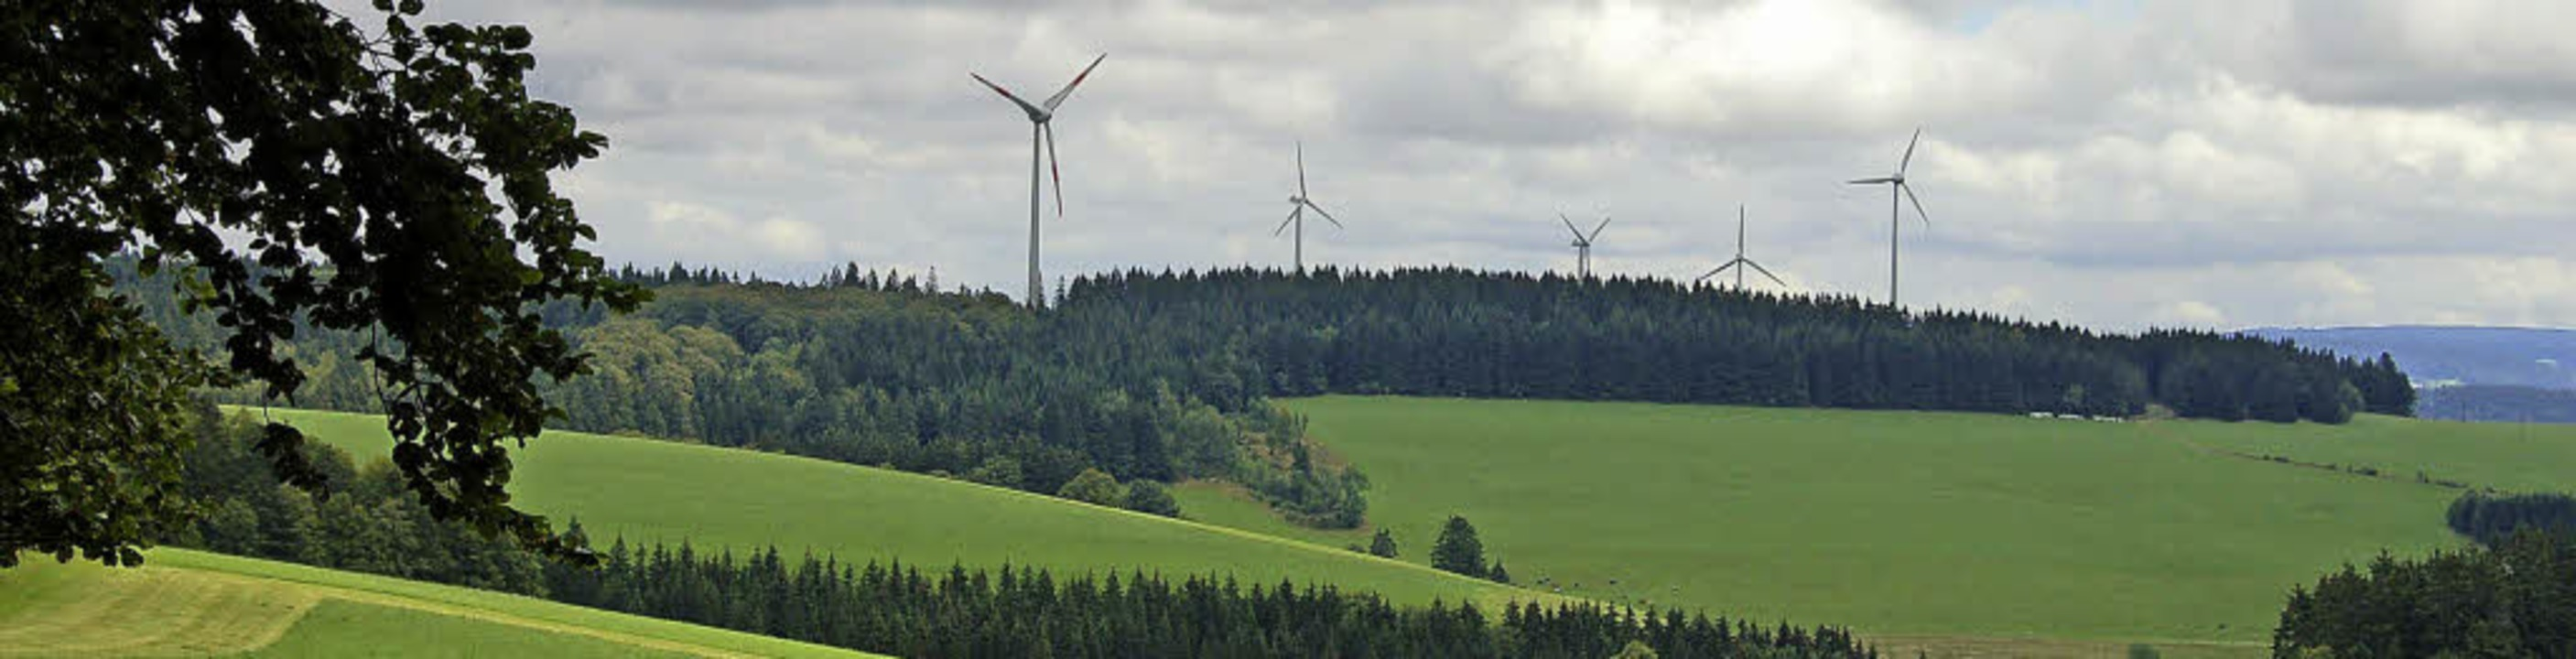 Stören Windräder – wie hier bei ...aft? Die Meinungen dazu sind geteilt.   | Foto: Hans-Jürgen Truöl